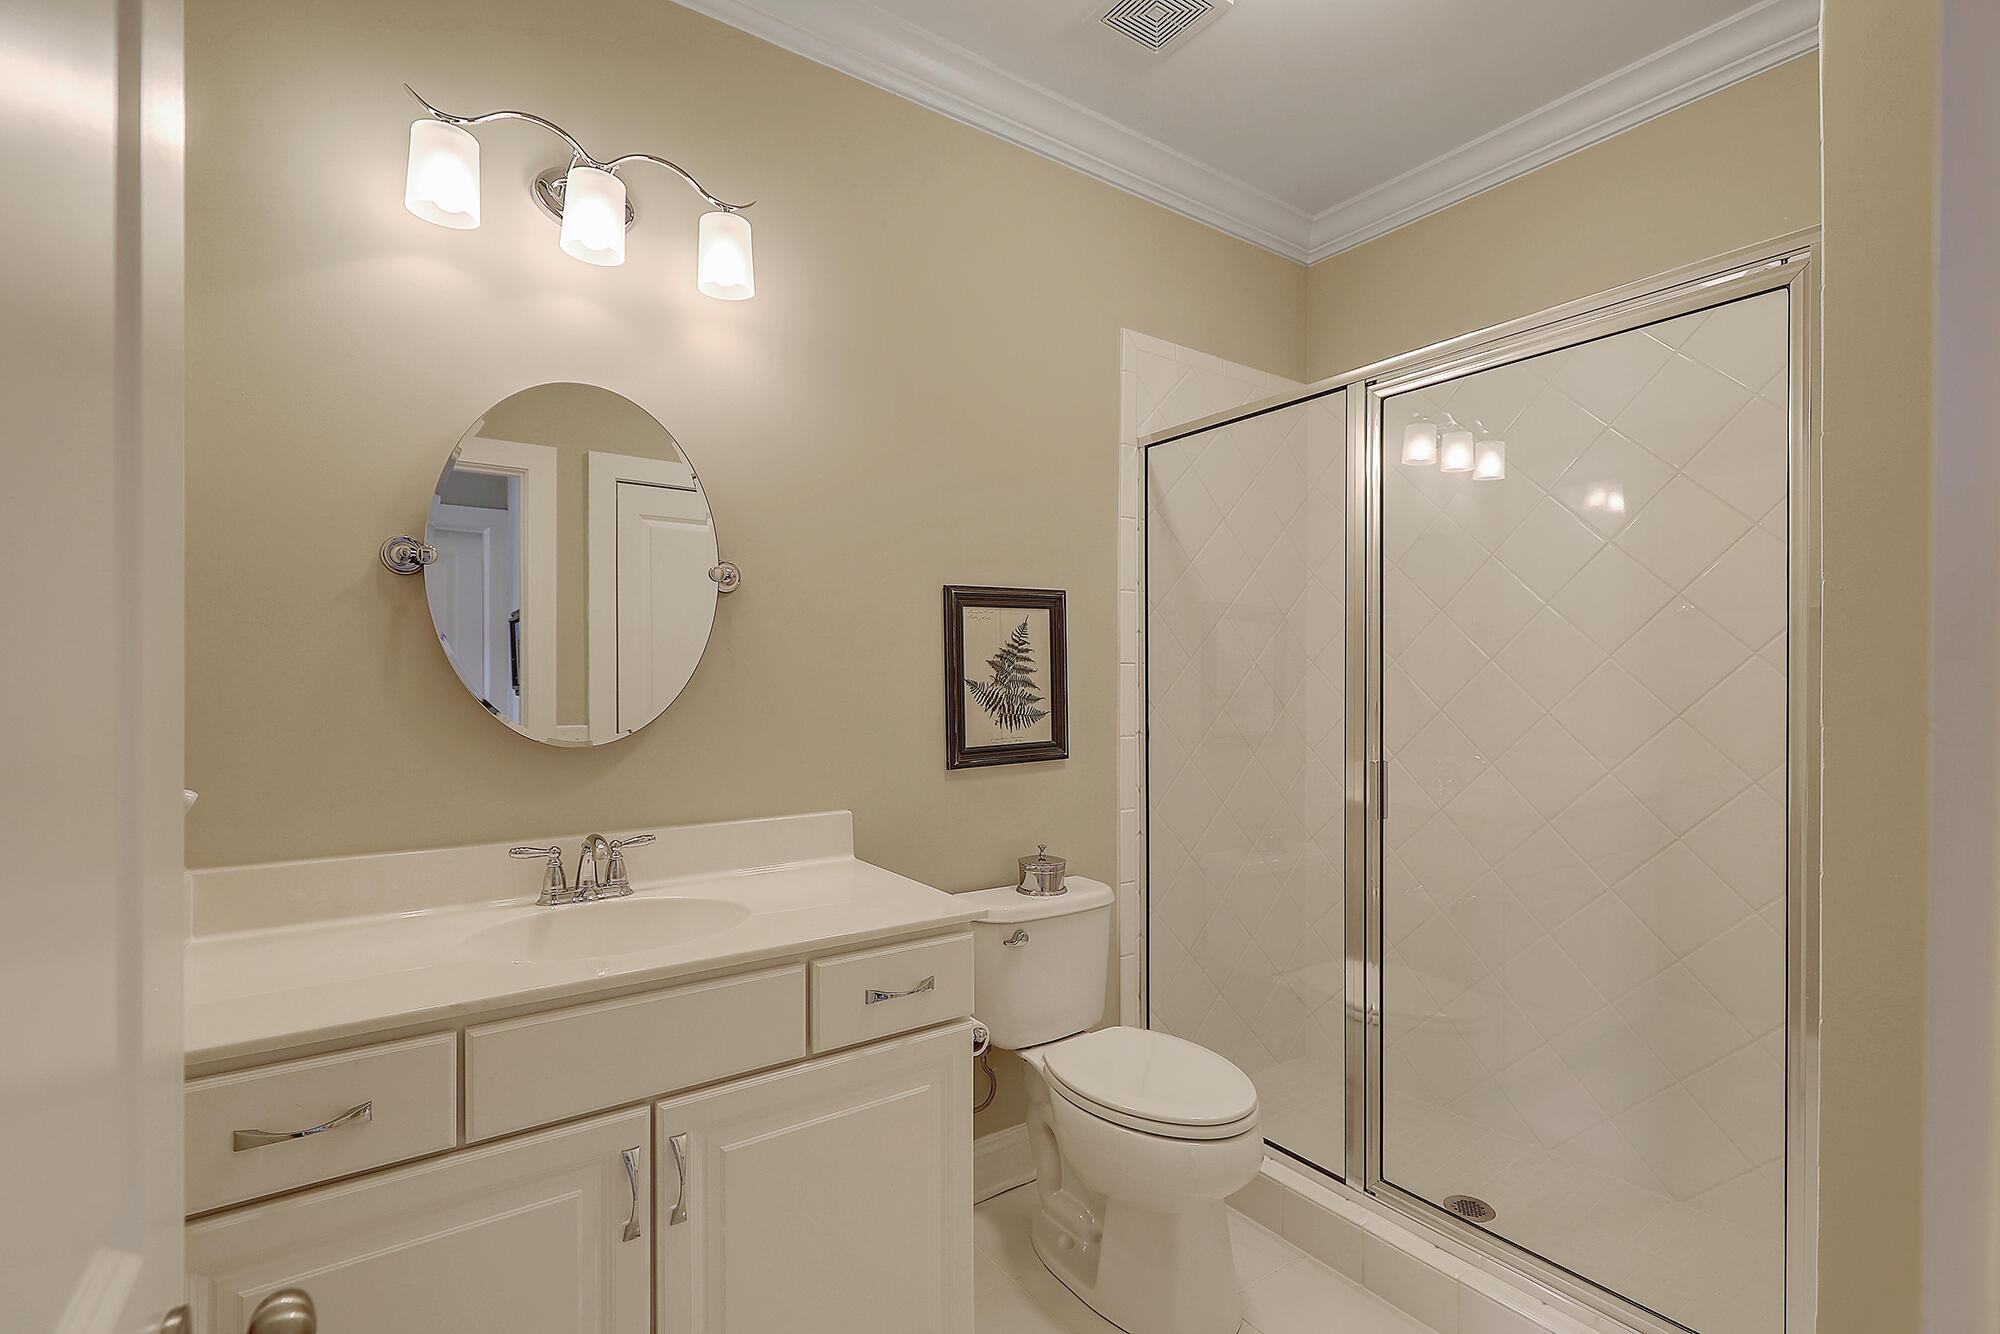 Dunes West Homes For Sale - 3171 Sturbridge, Mount Pleasant, SC - 52